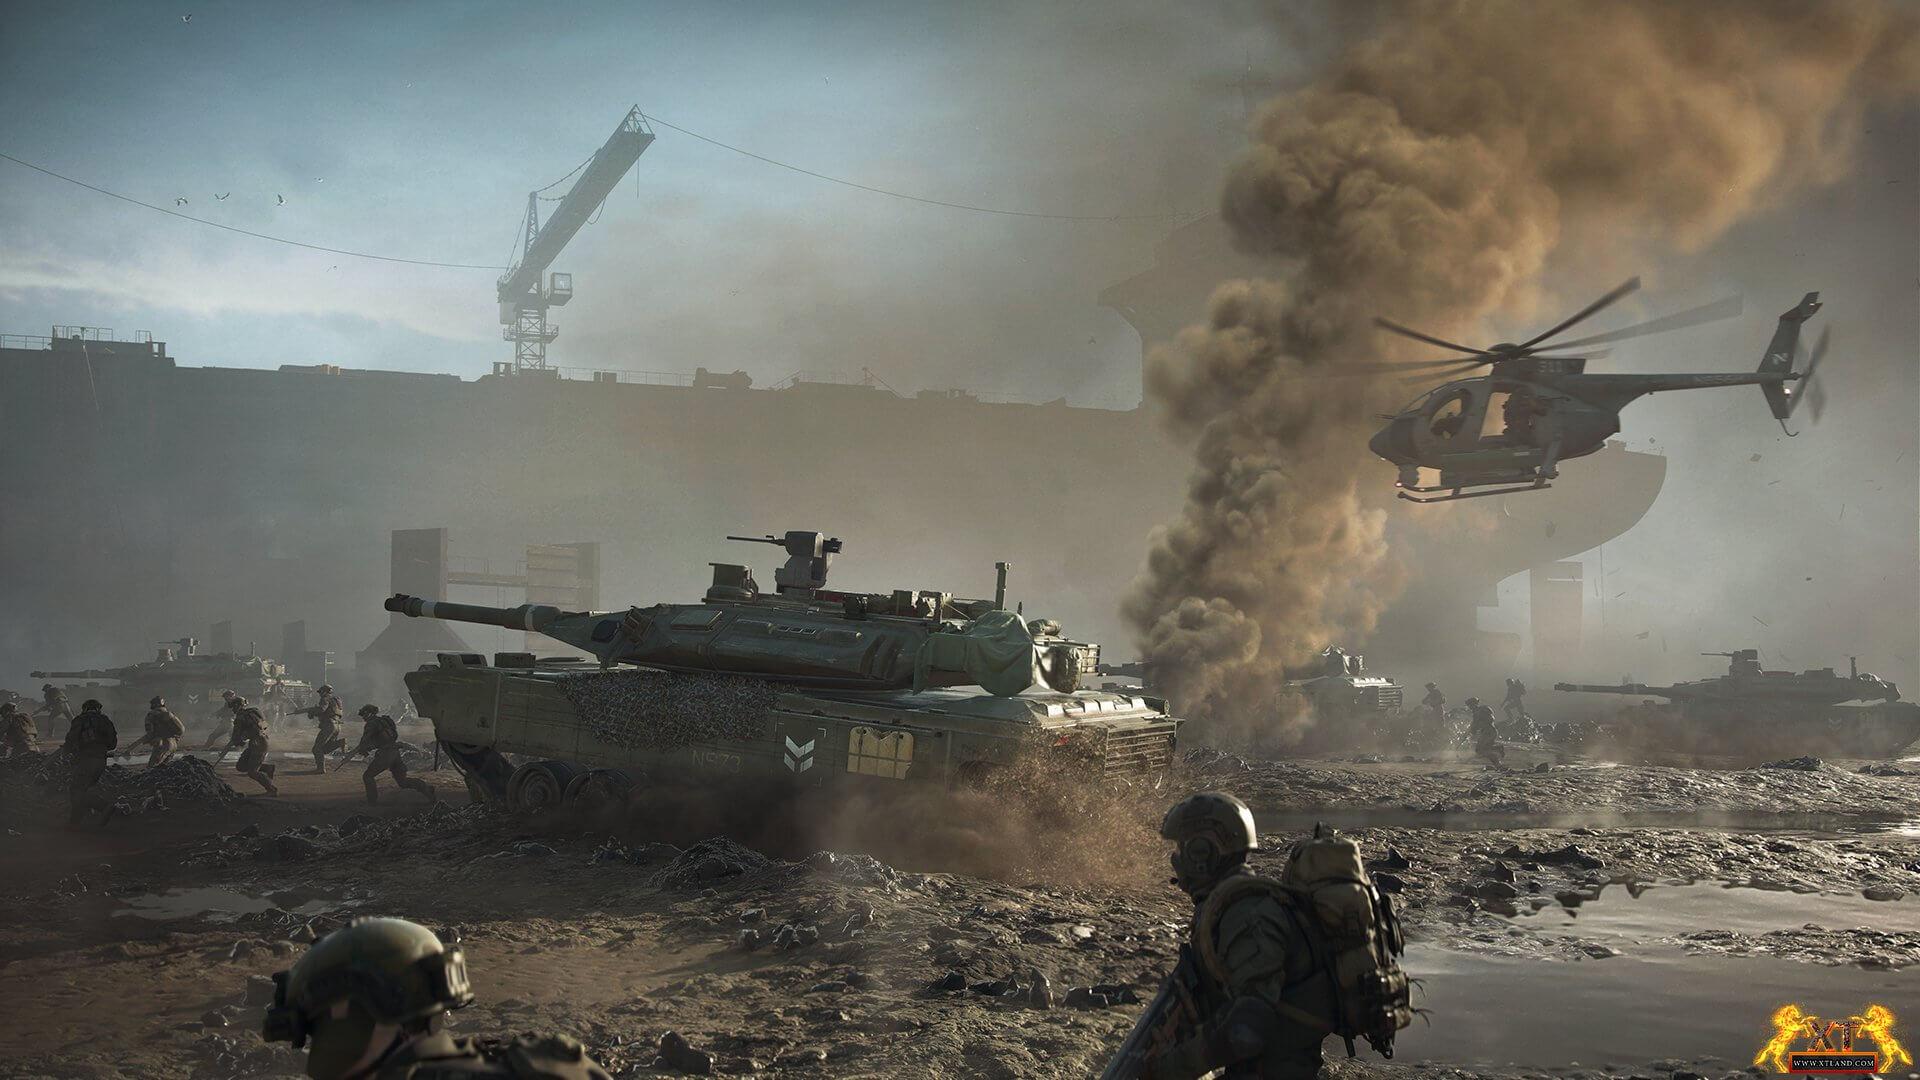 بازی Battlefield 2042 یک مد اعلام نشده دارد که توسط DICE LA  ساخته شده است و در EA Play live آز آن رونمایی خواهد شد!